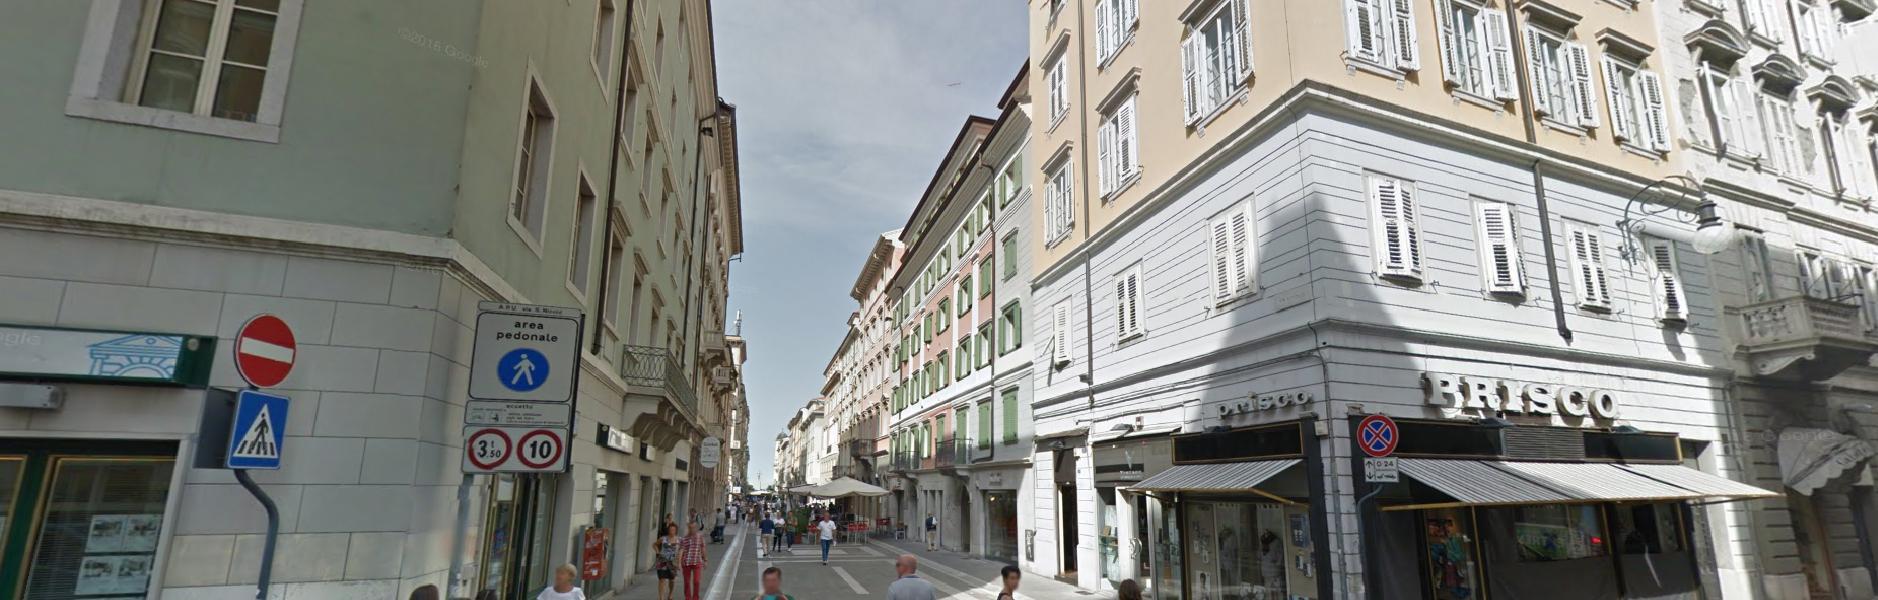 Trieste via San Nicolò